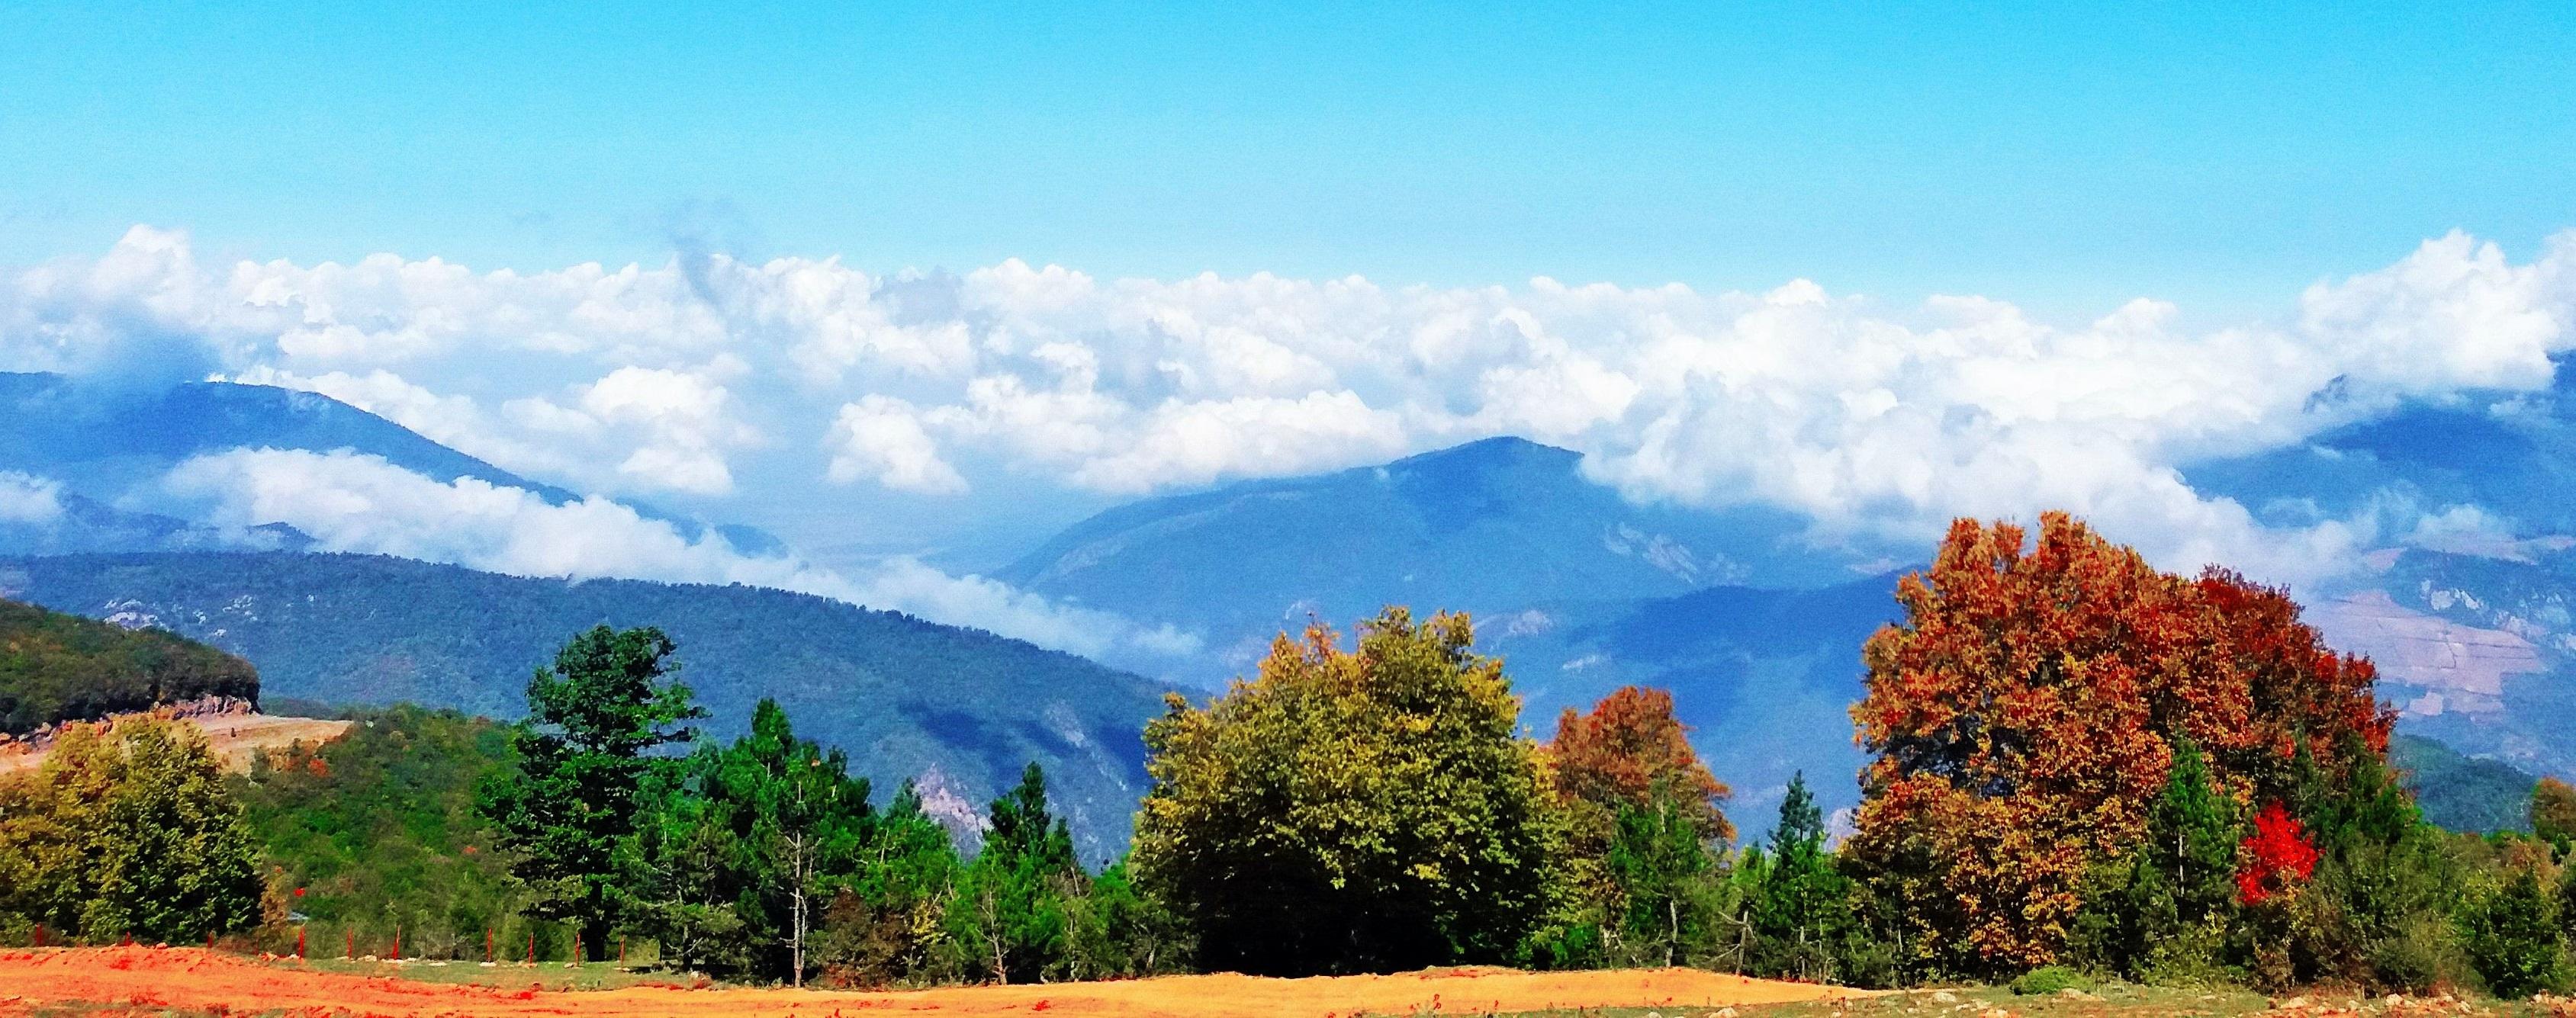 جنگل ابر ، شاعرانهای در دل شاهرود